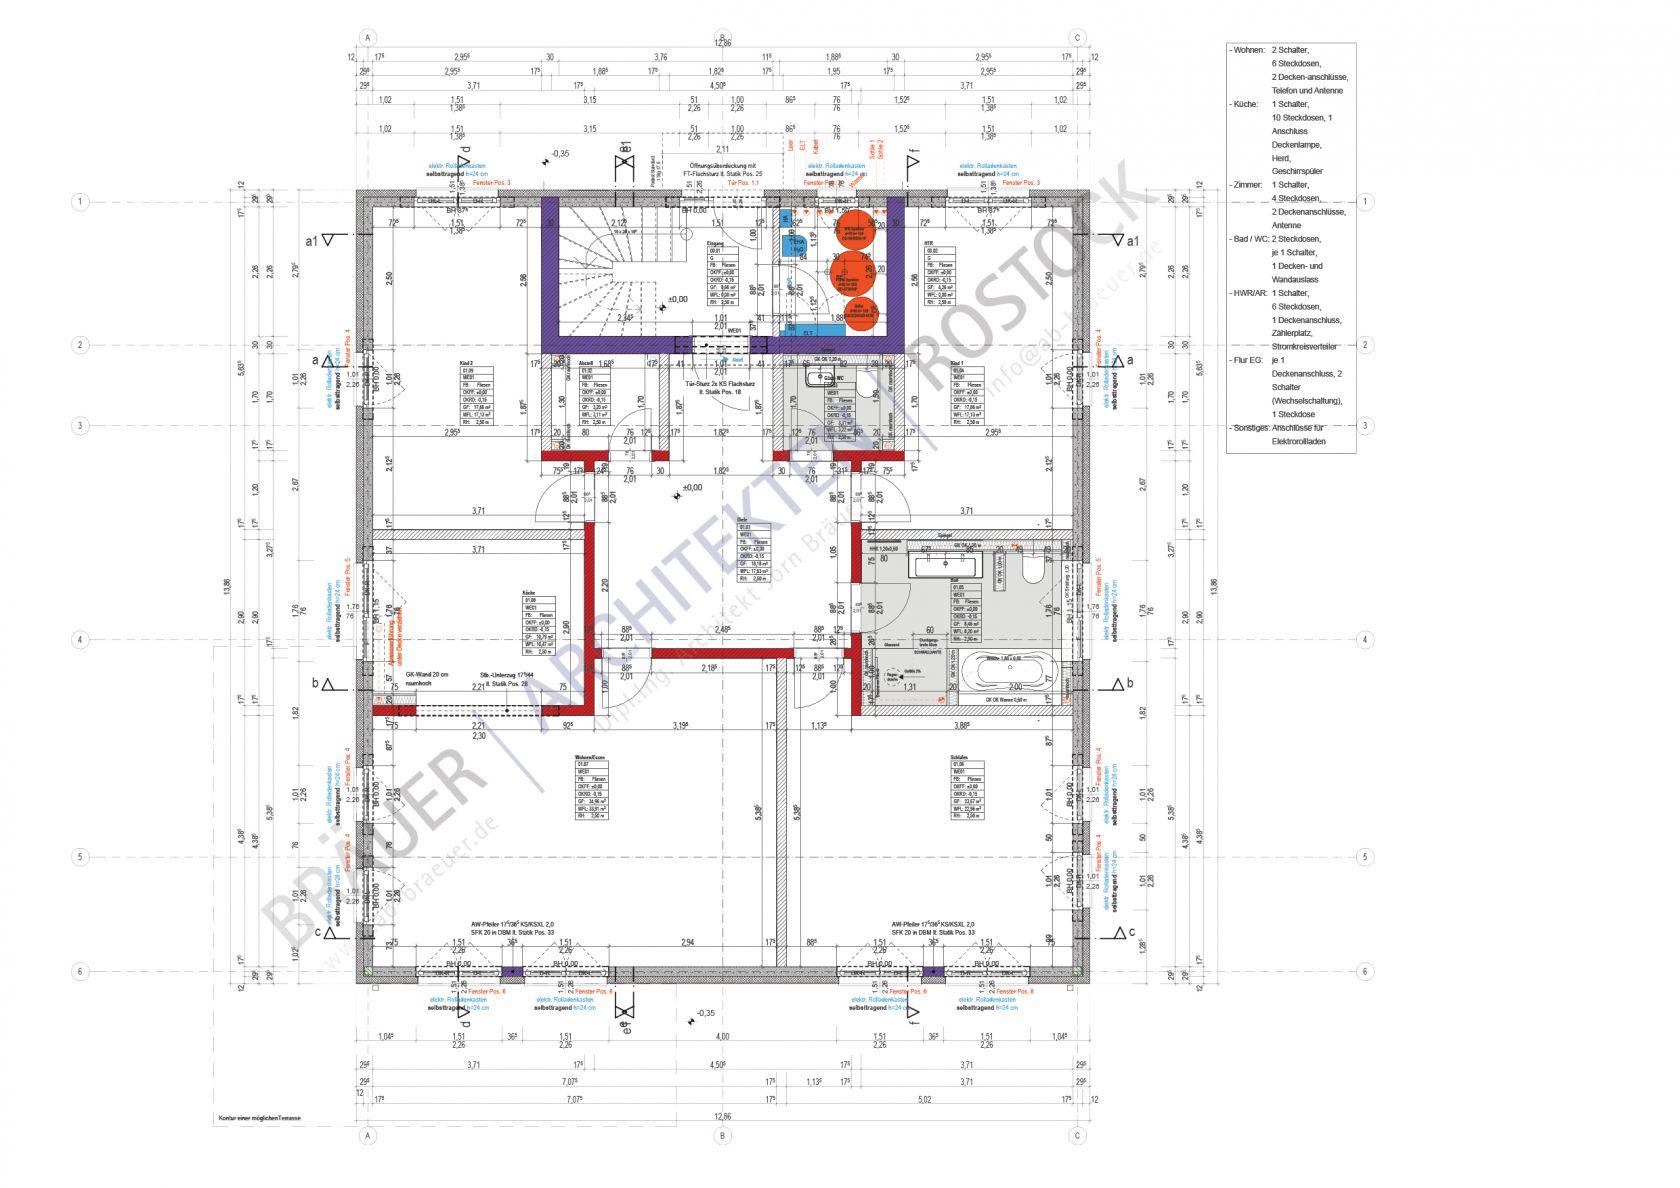 Fantastisch 2 Schalter 1 Steckdose Fotos - Elektrische Schaltplan ...